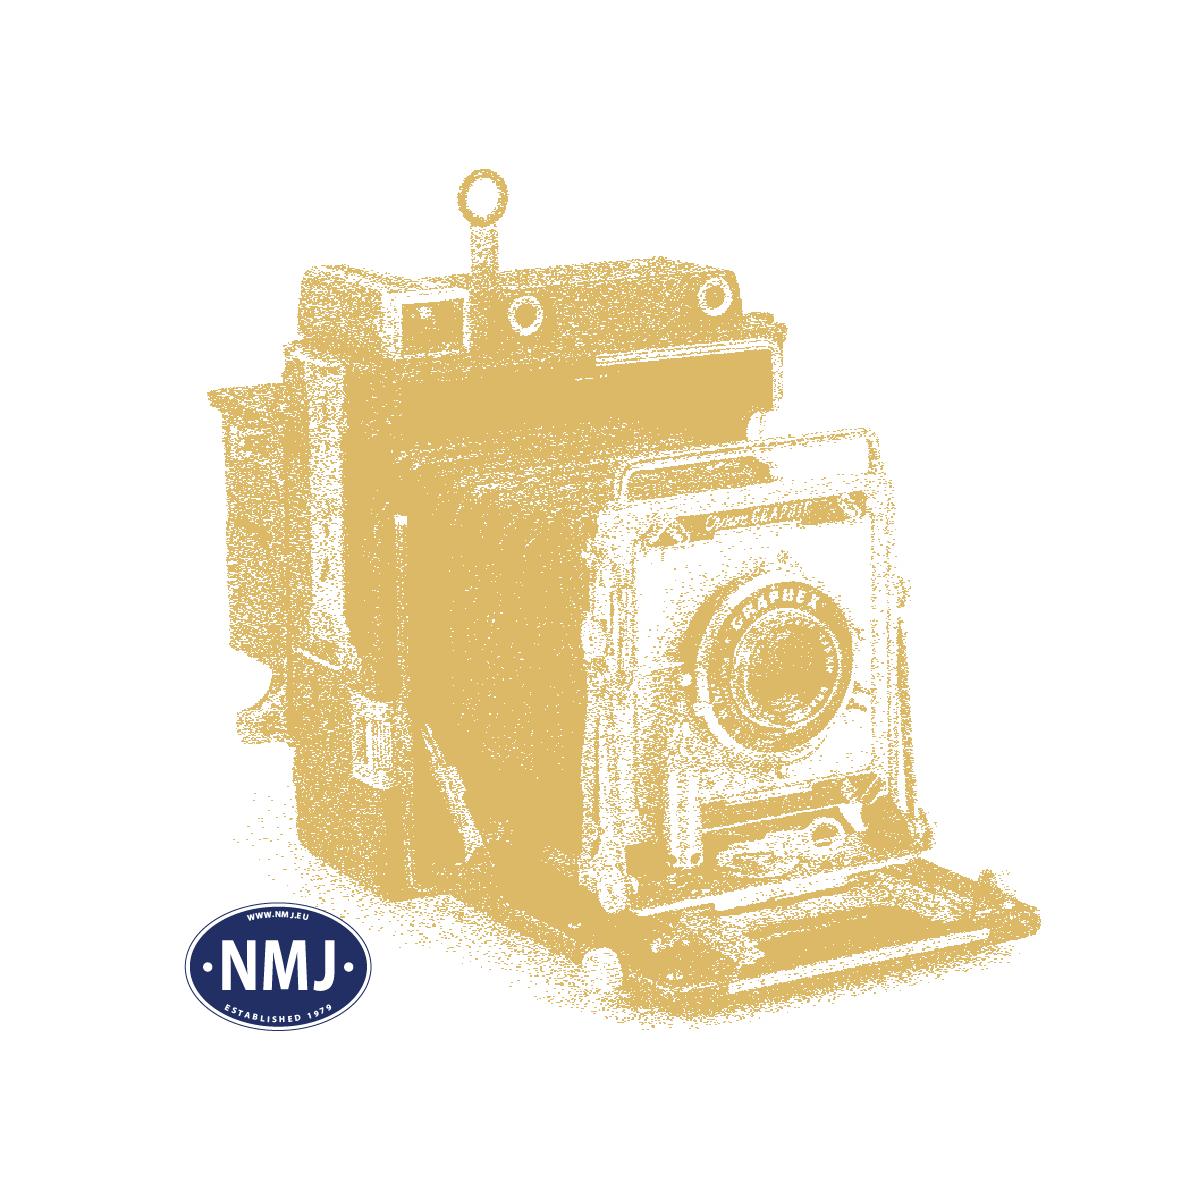 NMJS68B-1 - NMJ Superline NSB BM 68B, Gammeldesign, 3-vognsett, DCC Digital